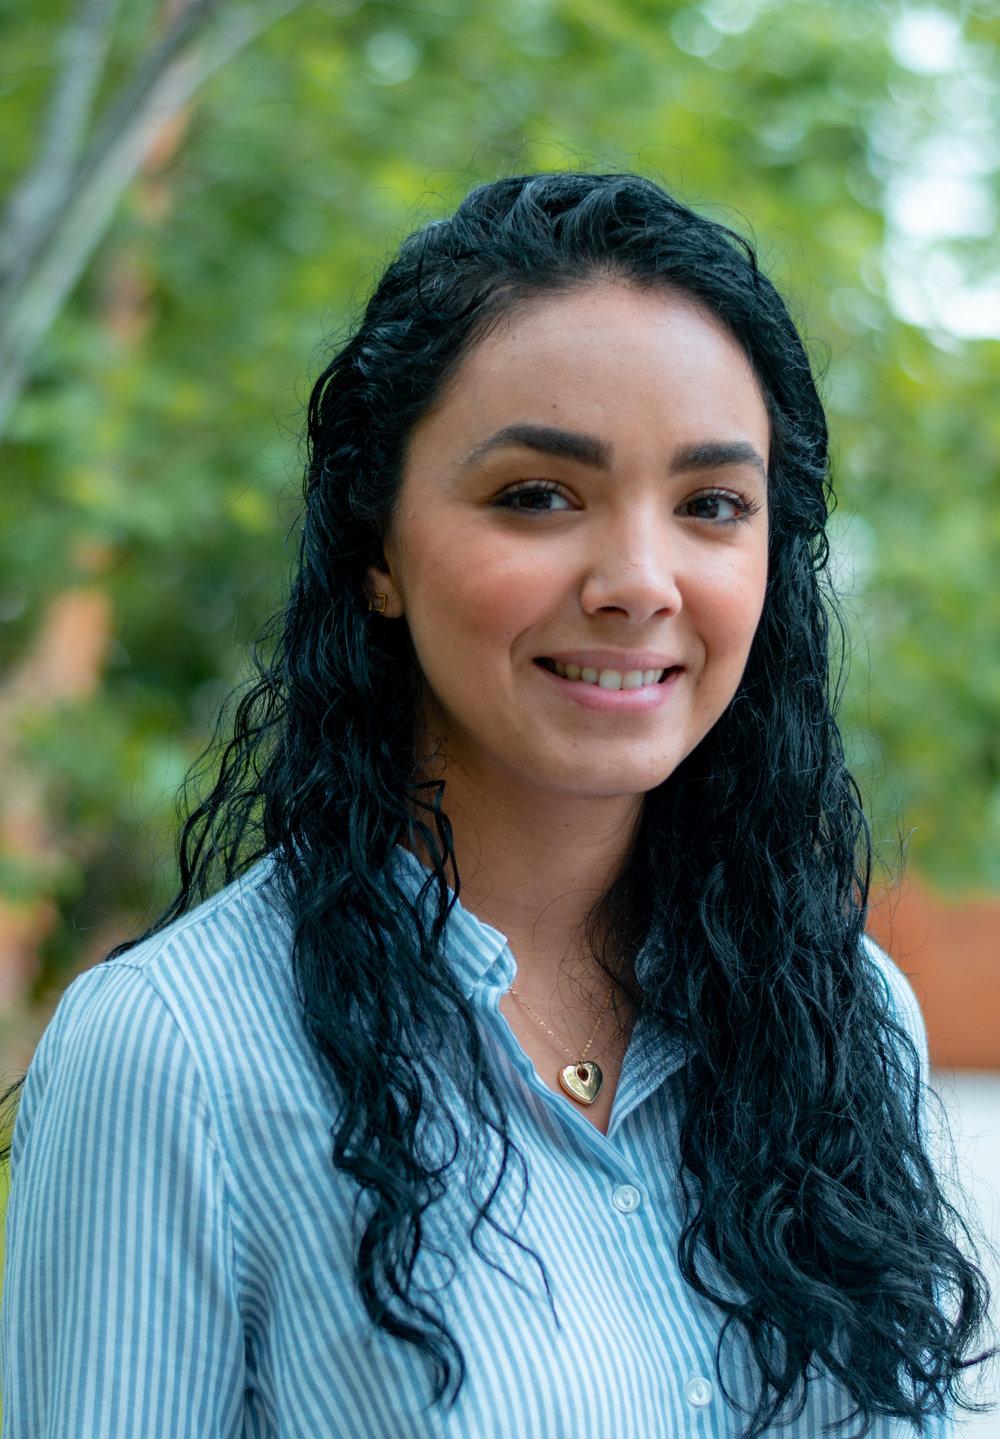 Loyra Nunez